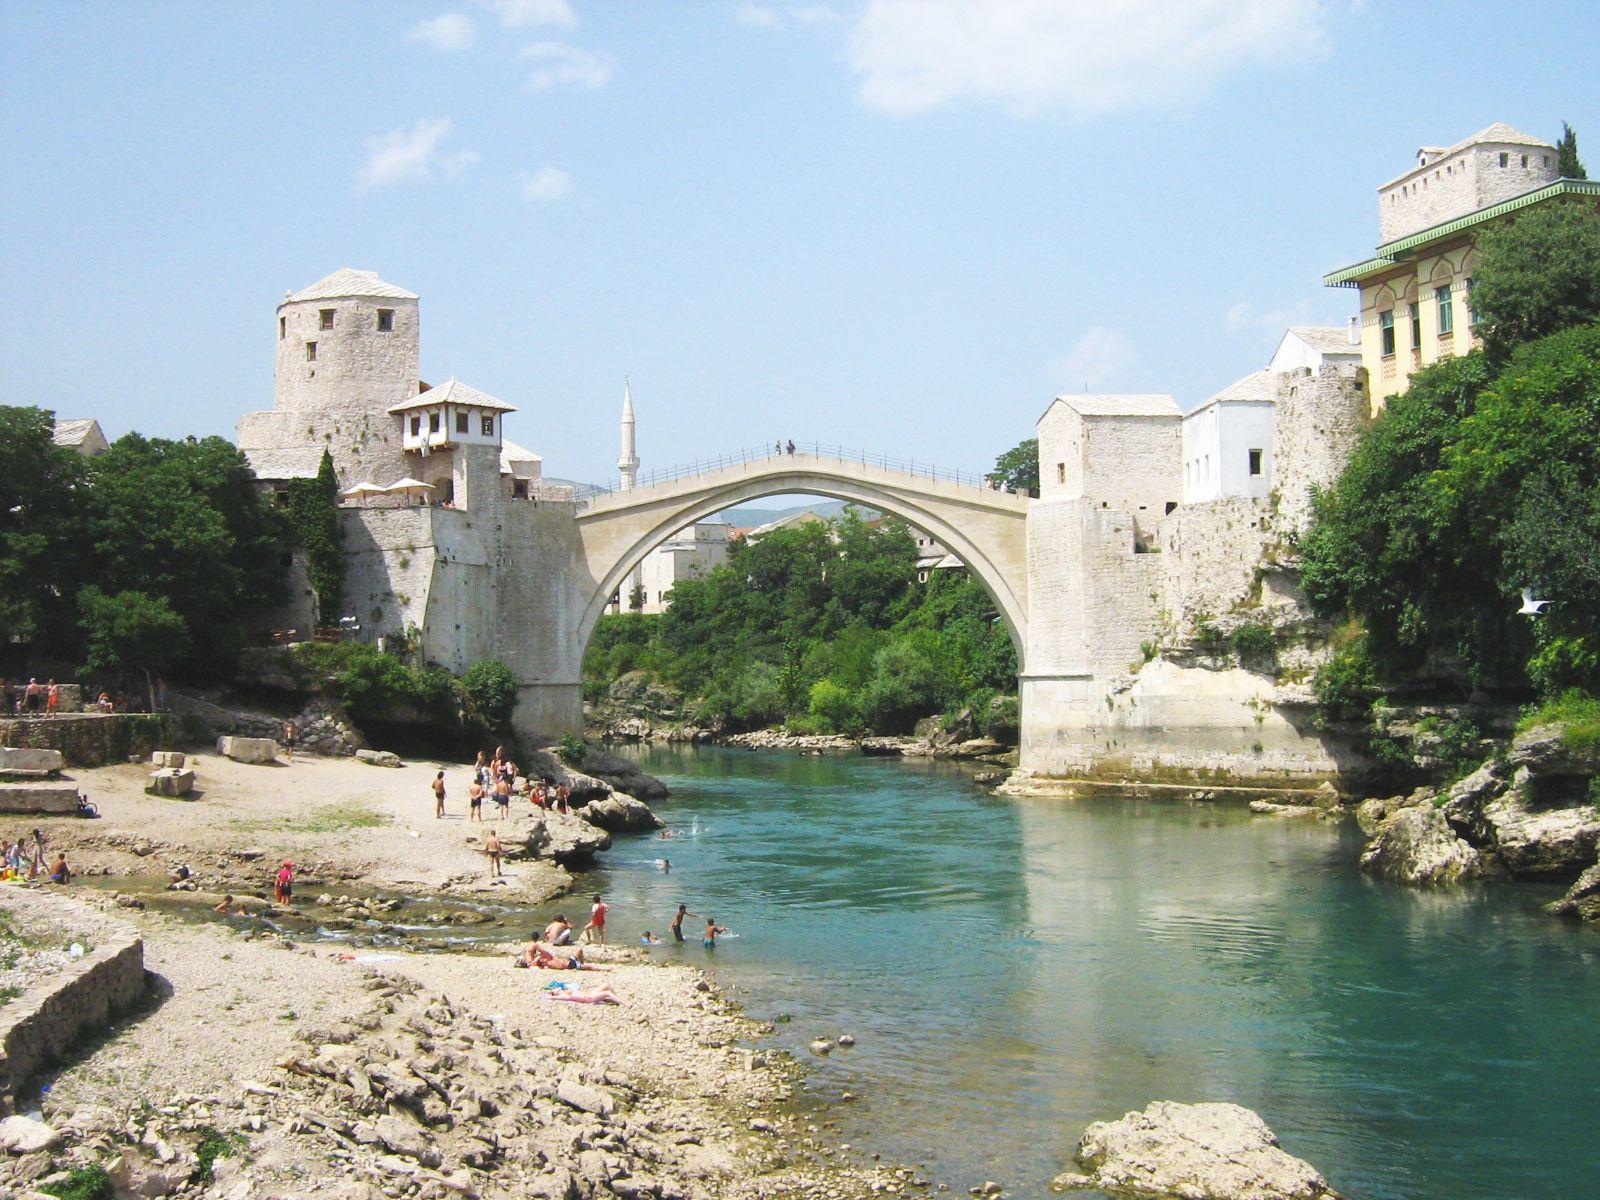 The old bridge (Photo credit: wikipedia)